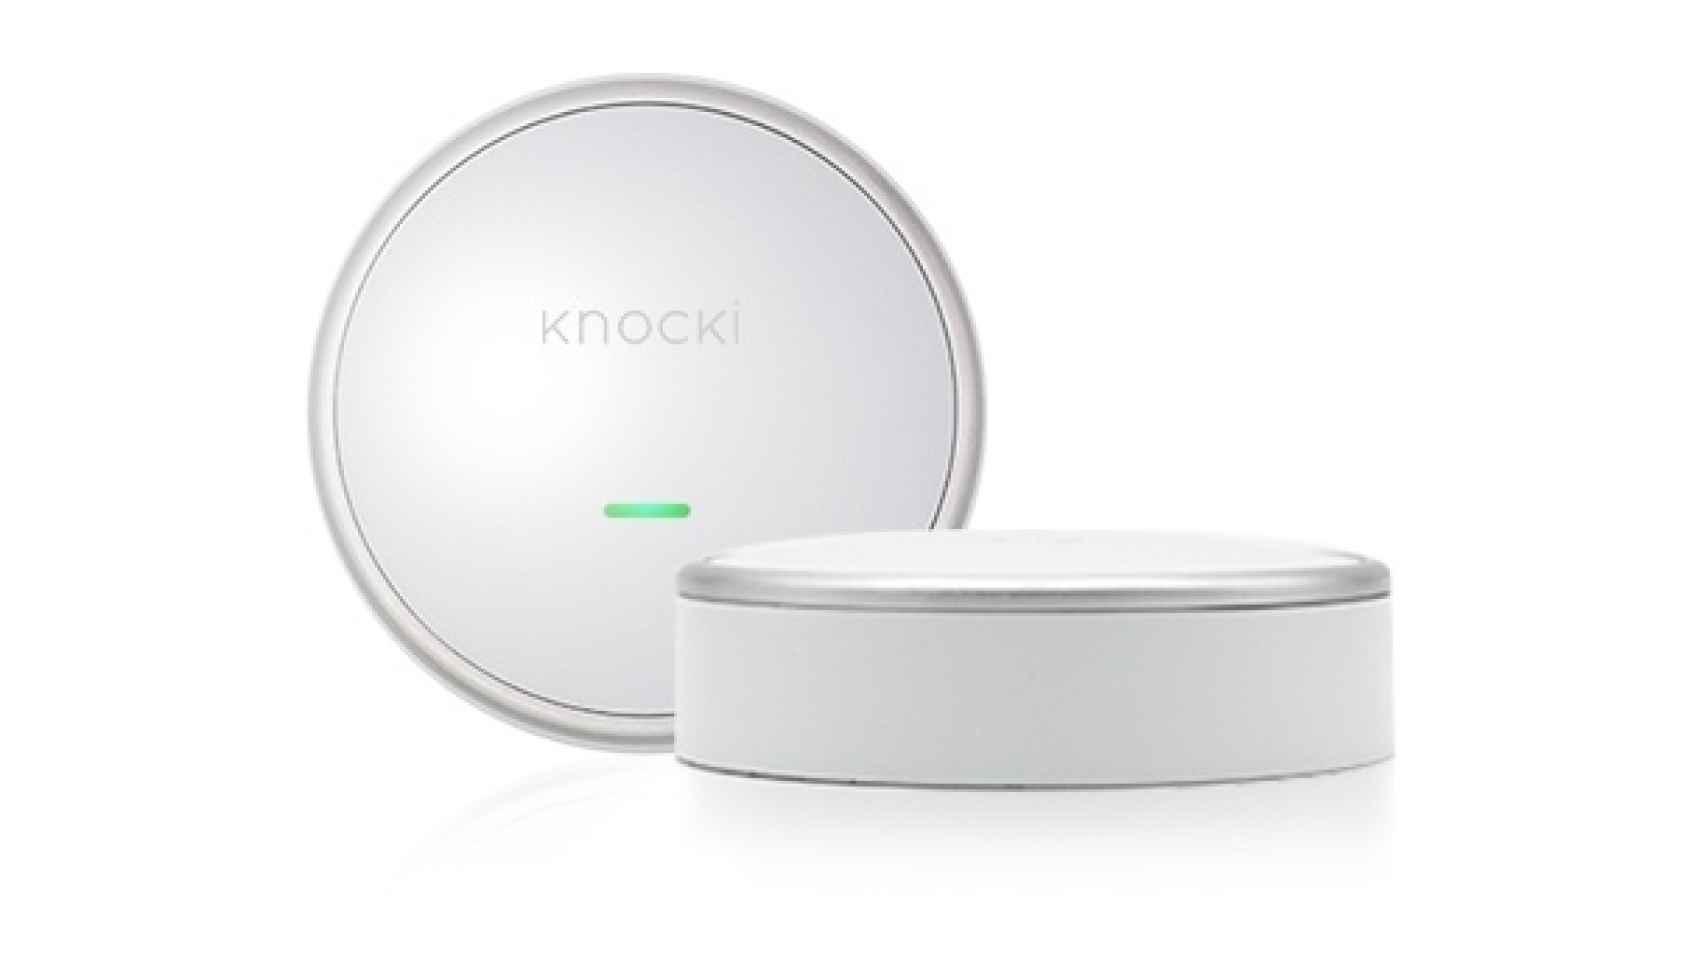 El dispositivo Knocki.